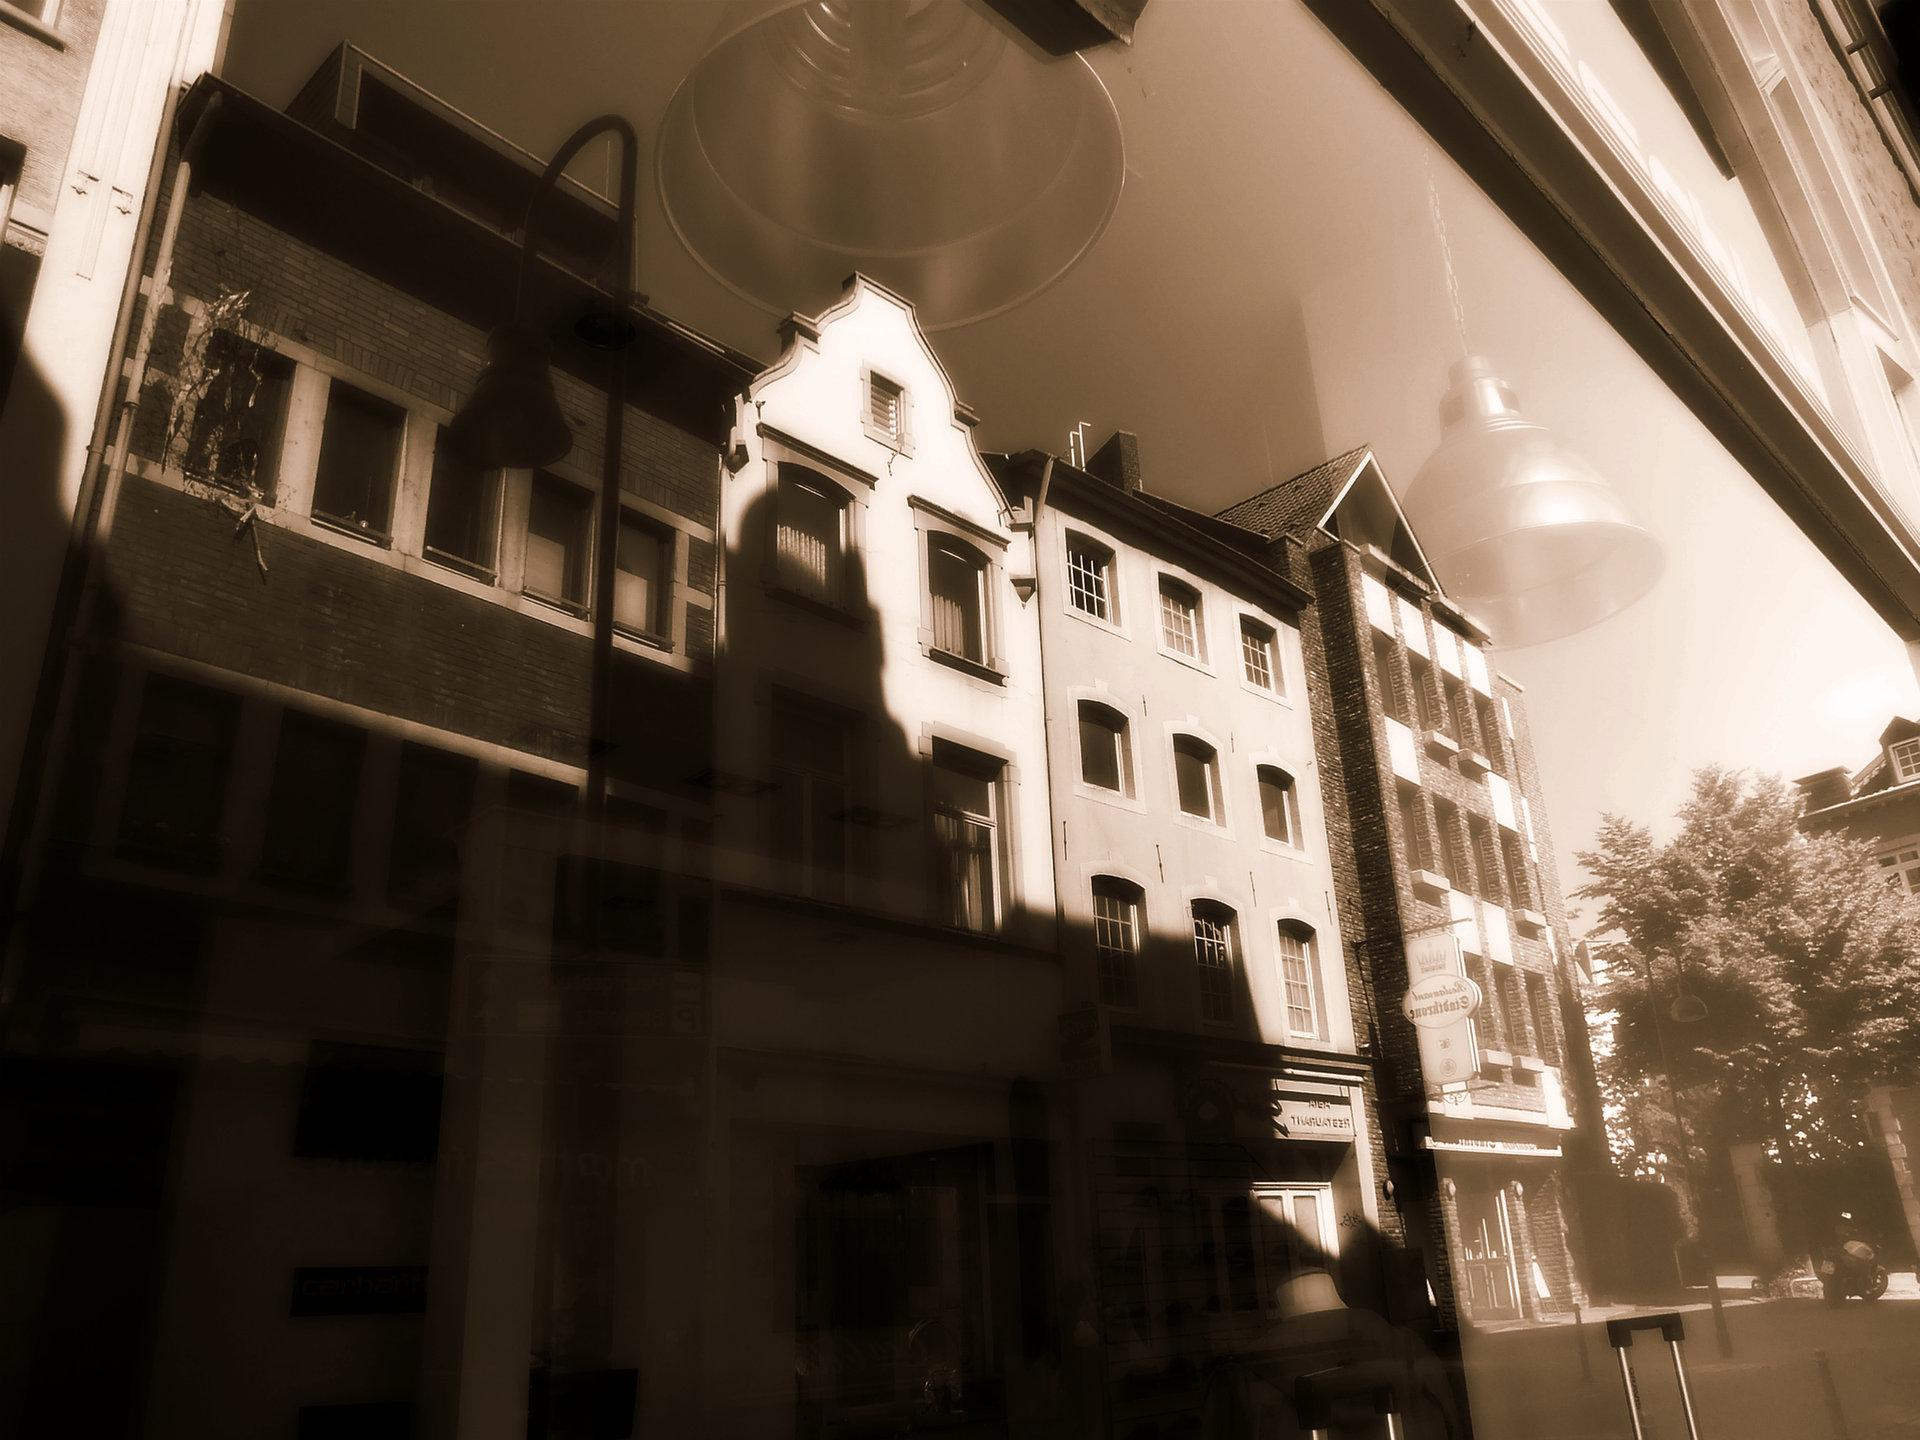 Aachenfenster